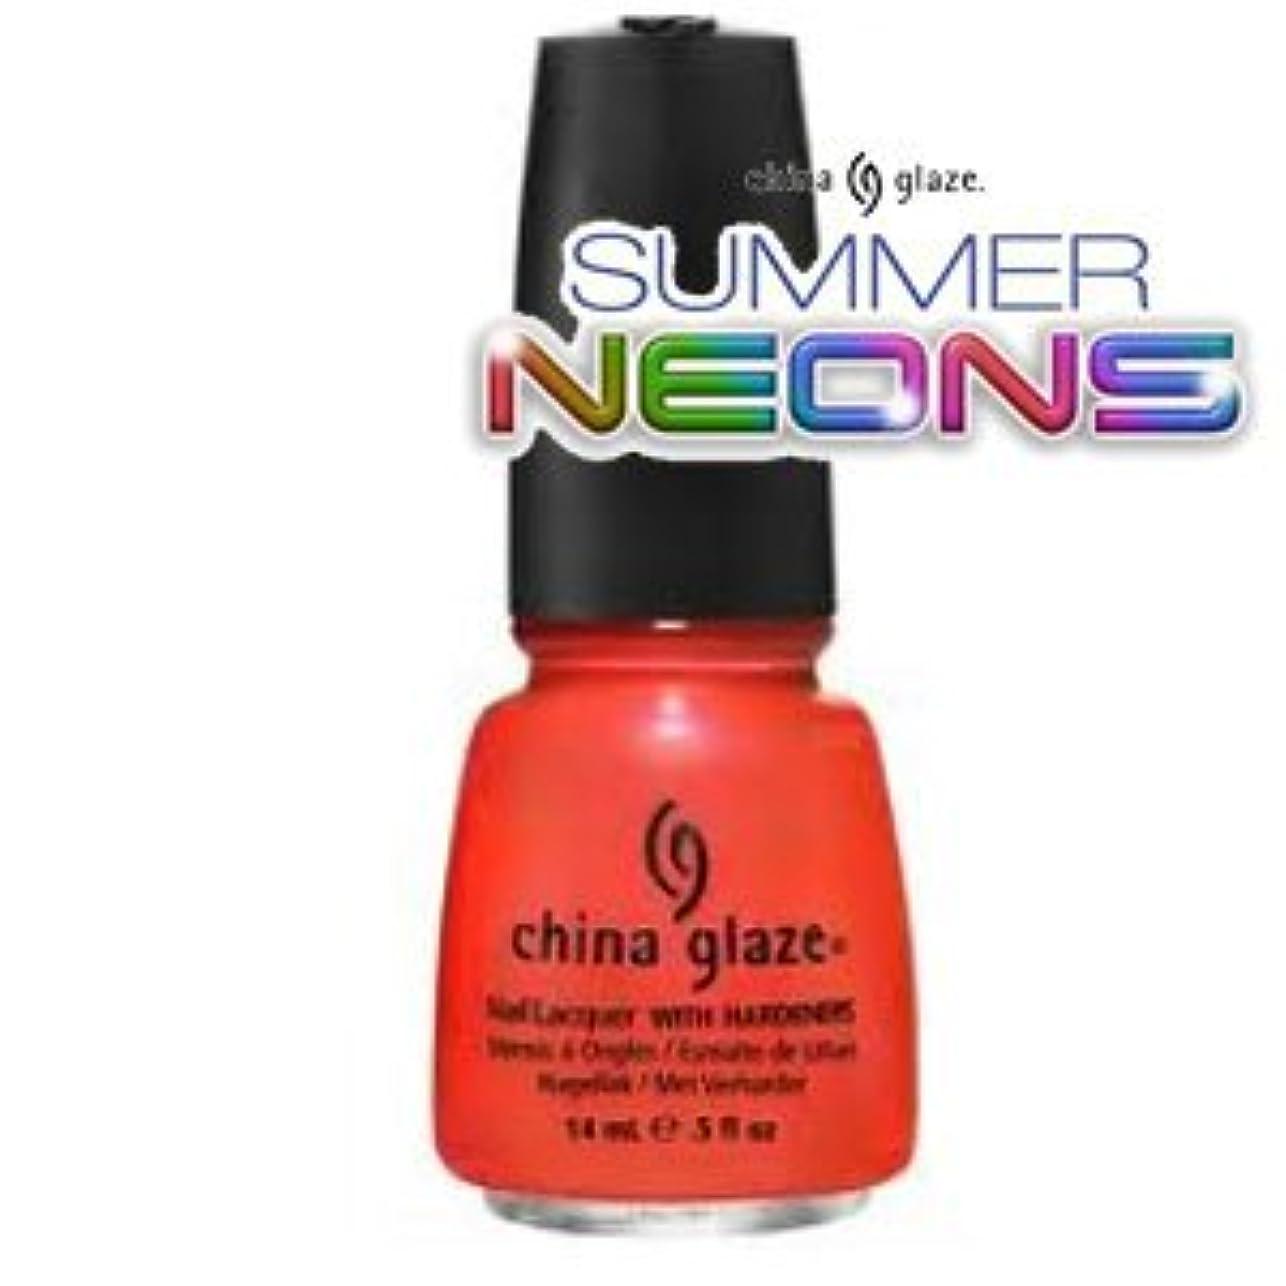 障害ウィンク掘る(チャイナグレイズ)China Glaze Surfin ' For Boysーサマーネオン コレクション [海外直送品][並行輸入品]